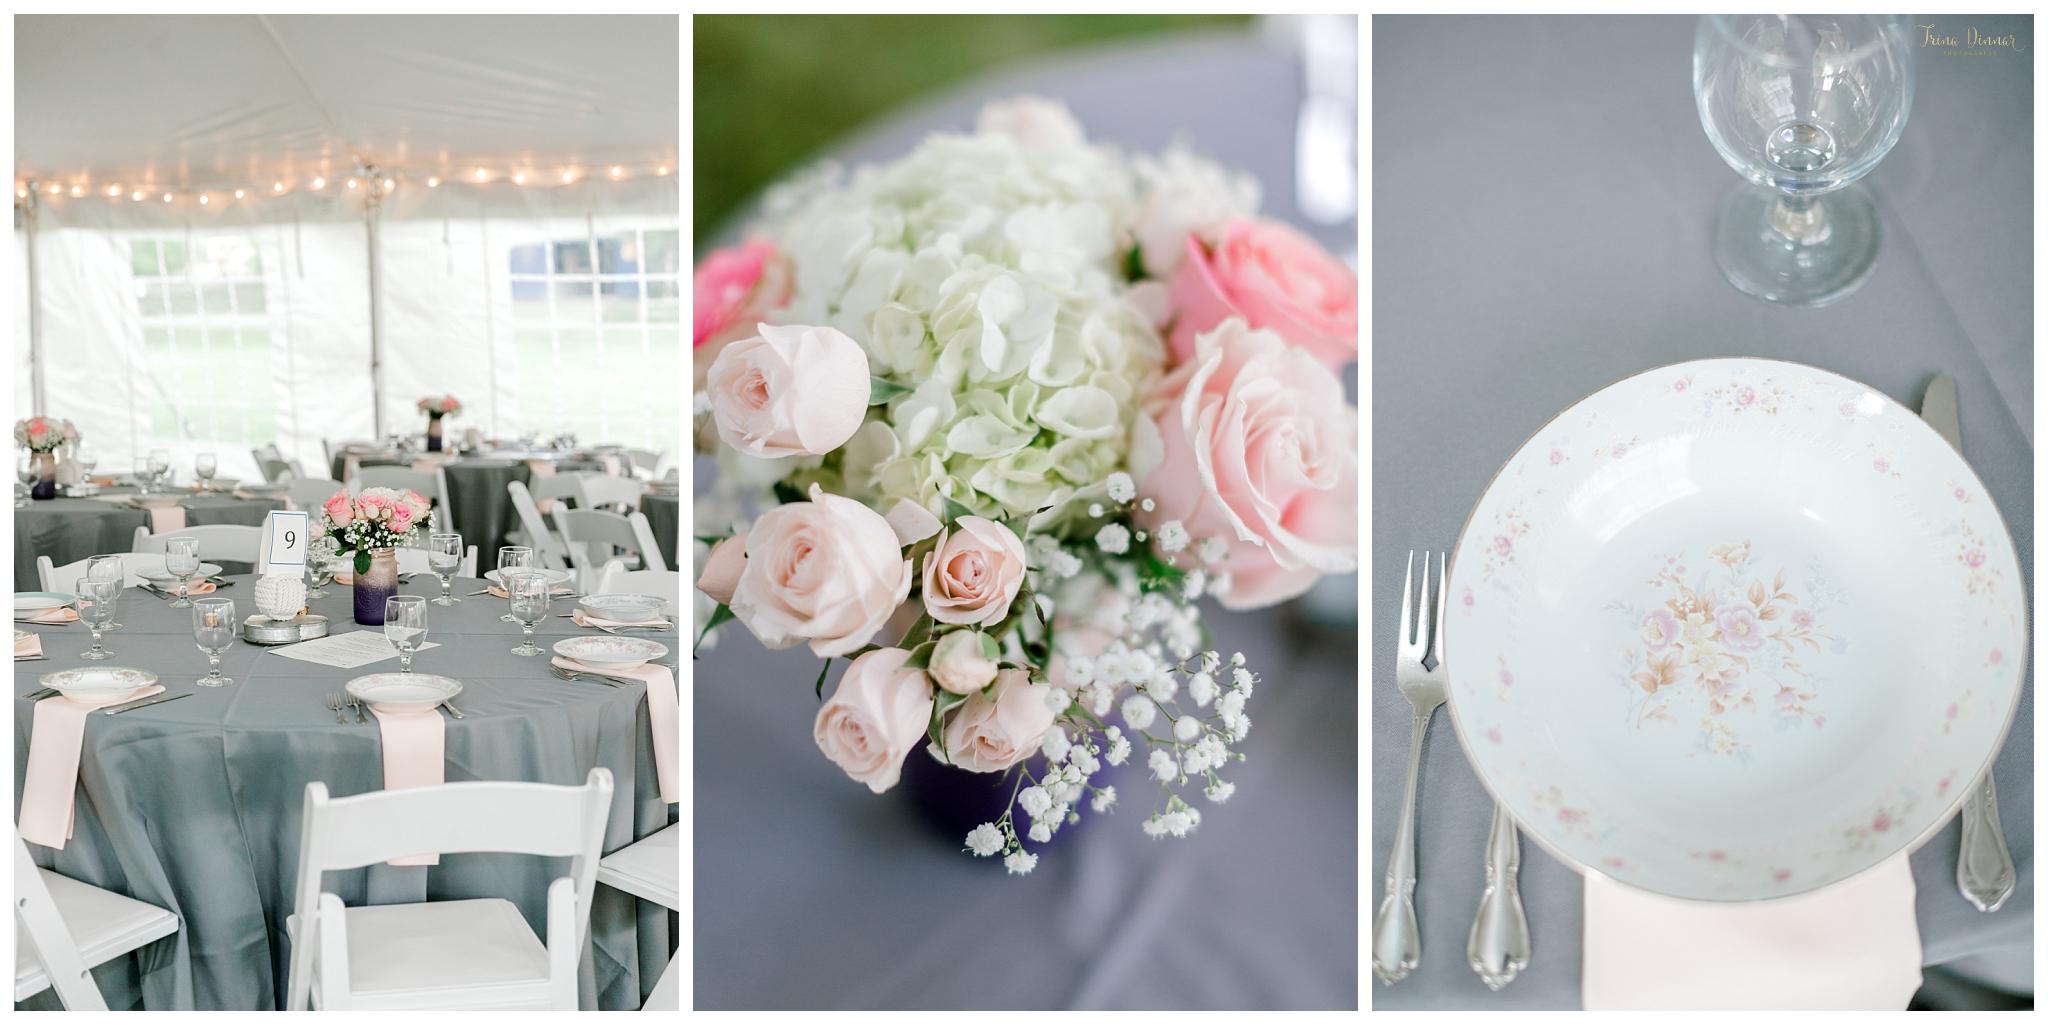 Boothbay Railway Village Wedding Reception Details